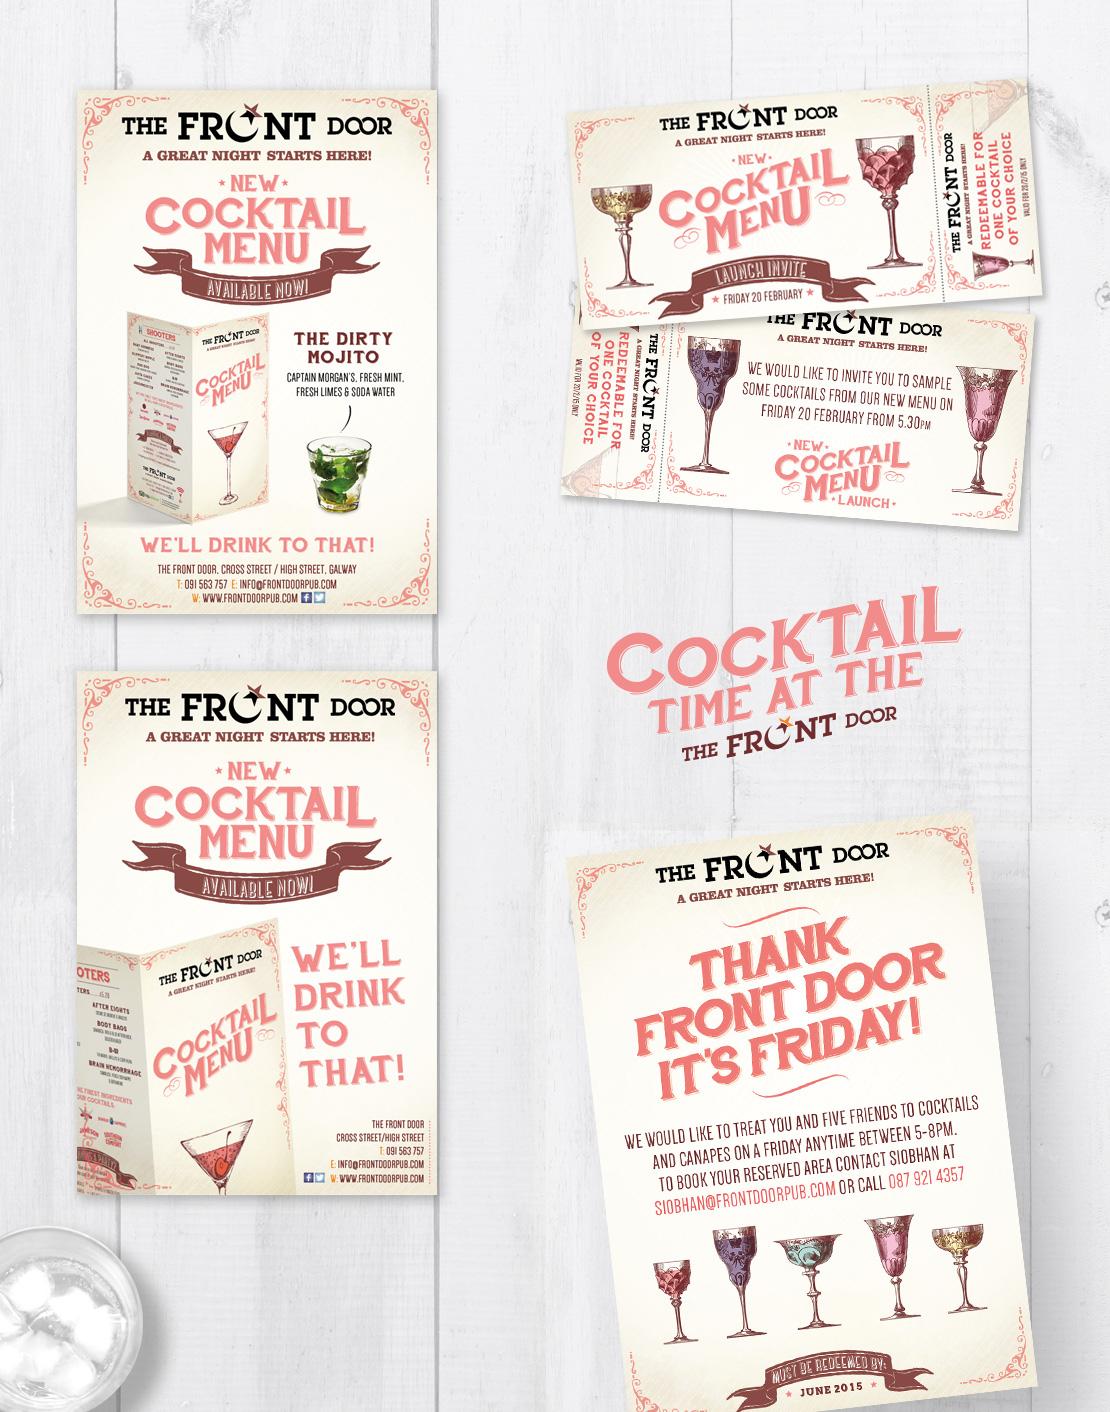 The Front Door cocktail menu launch designs